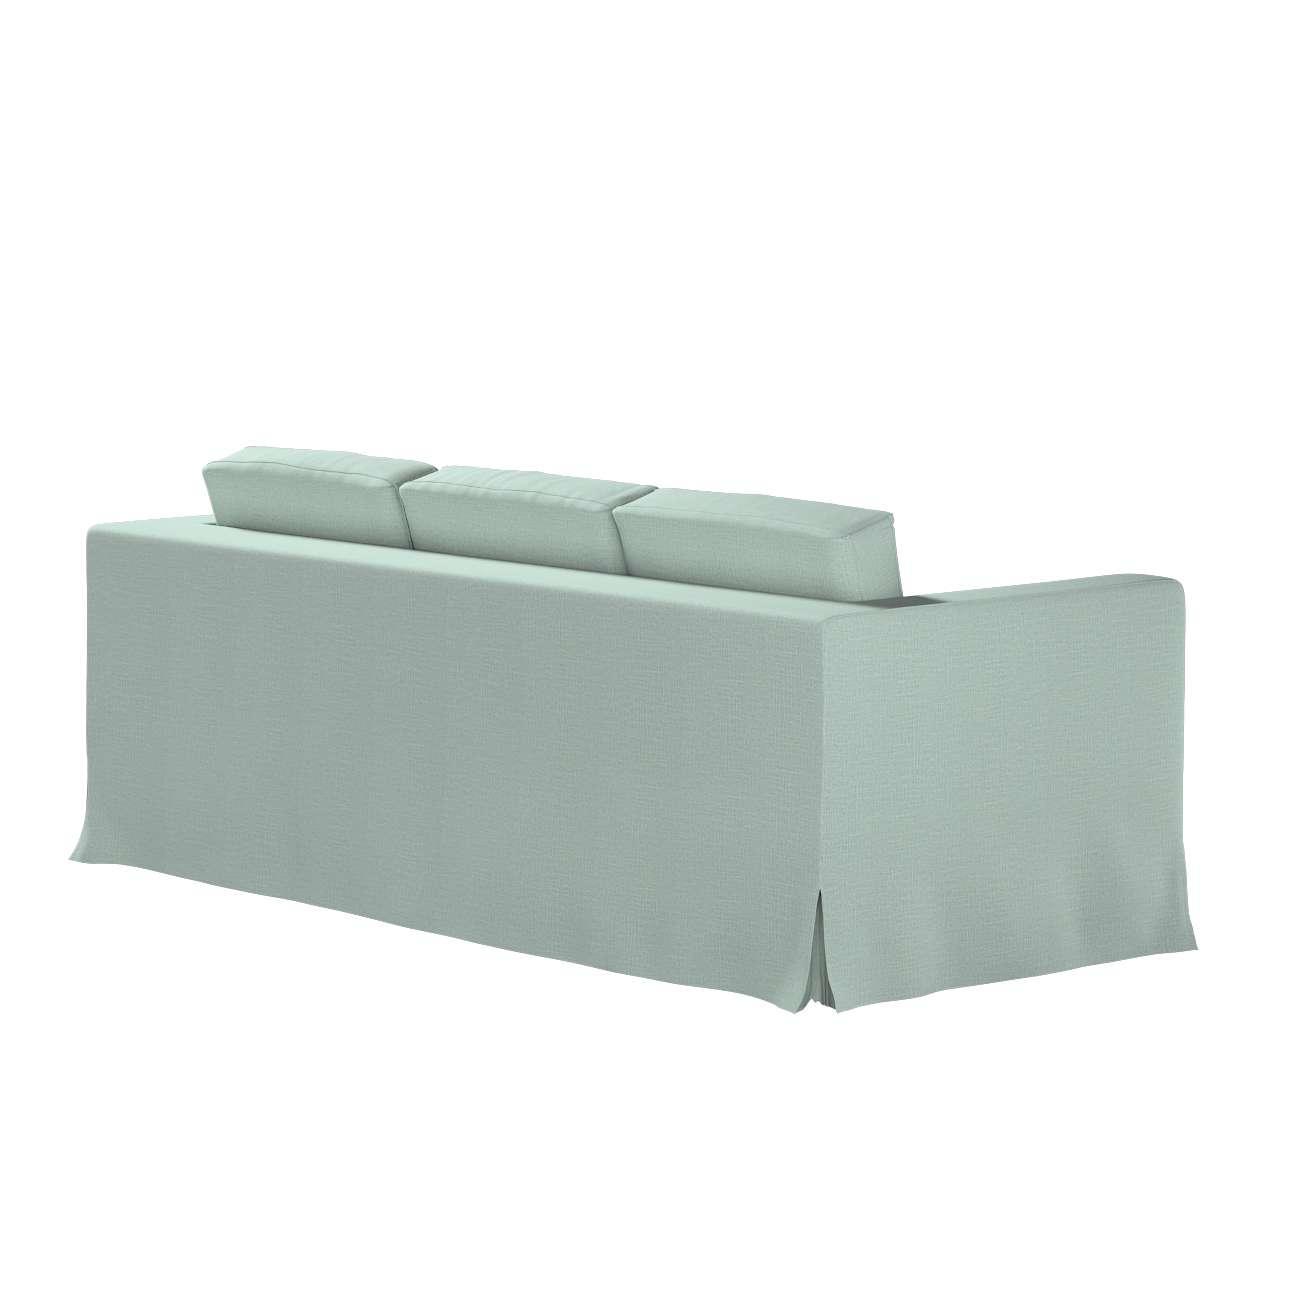 Bezug für Karlanda 3-Sitzer Sofa nicht ausklappbar, lang von der Kollektion Living II, Stoff: 160-86